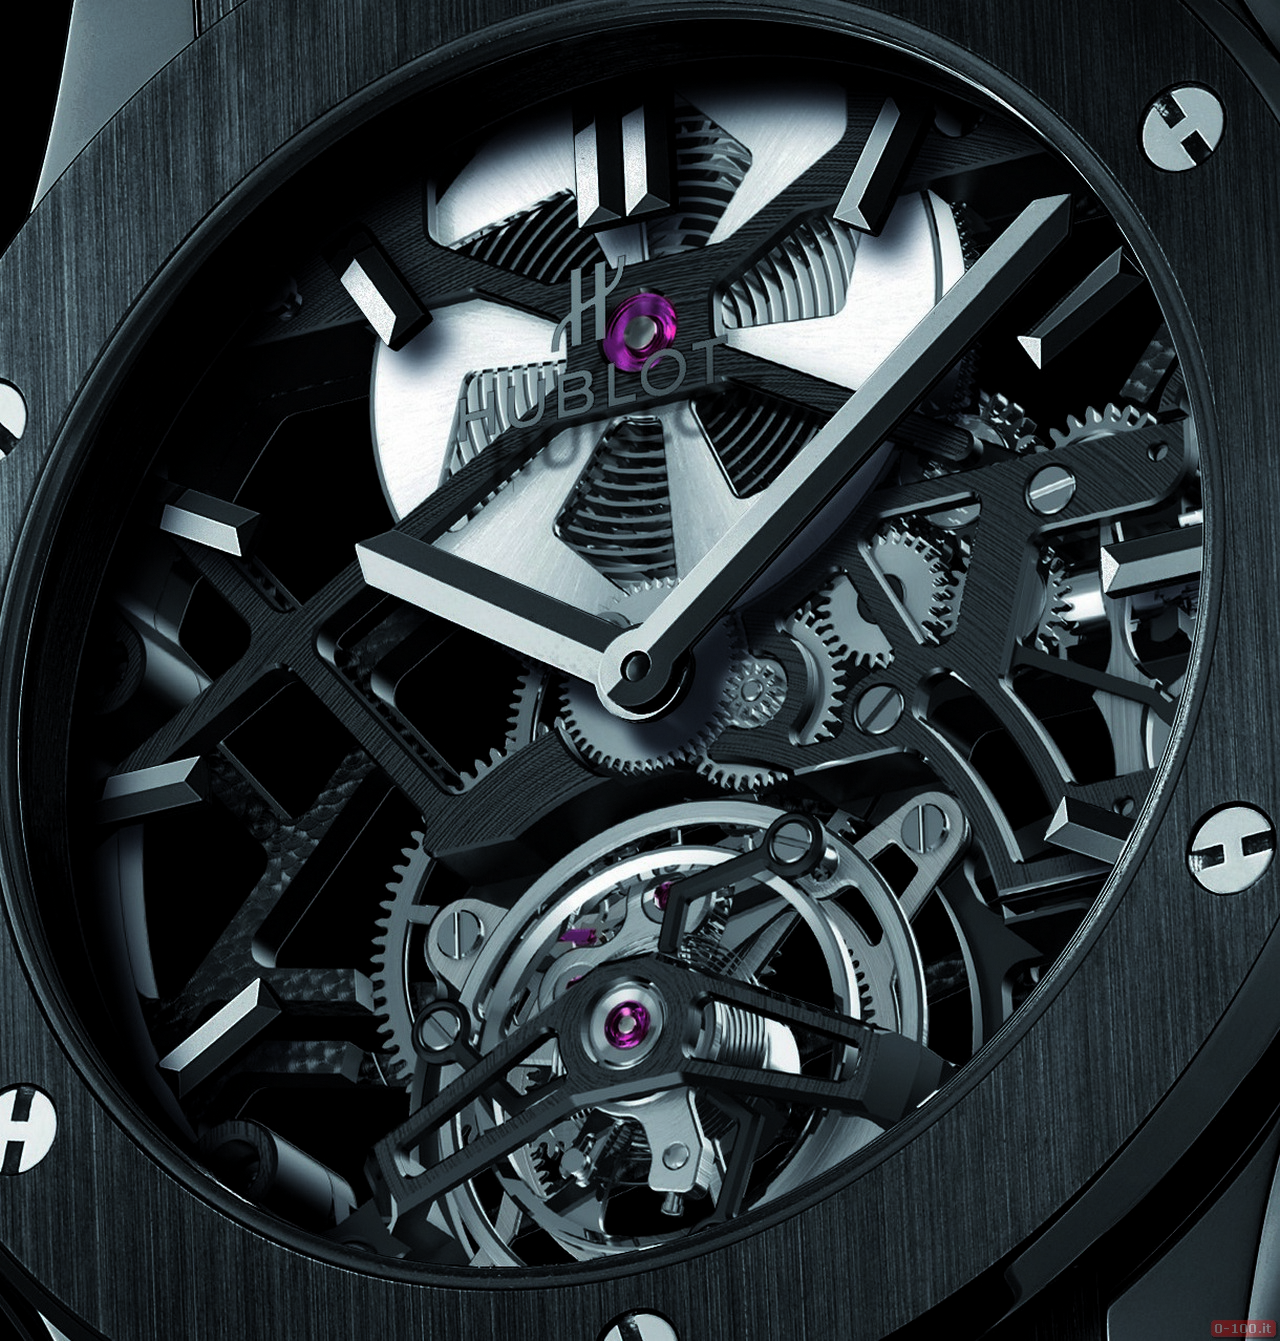 baselworld-2013-hublot-classic-fusion-tourbillon-squelette-black-ceramic_0-100 4